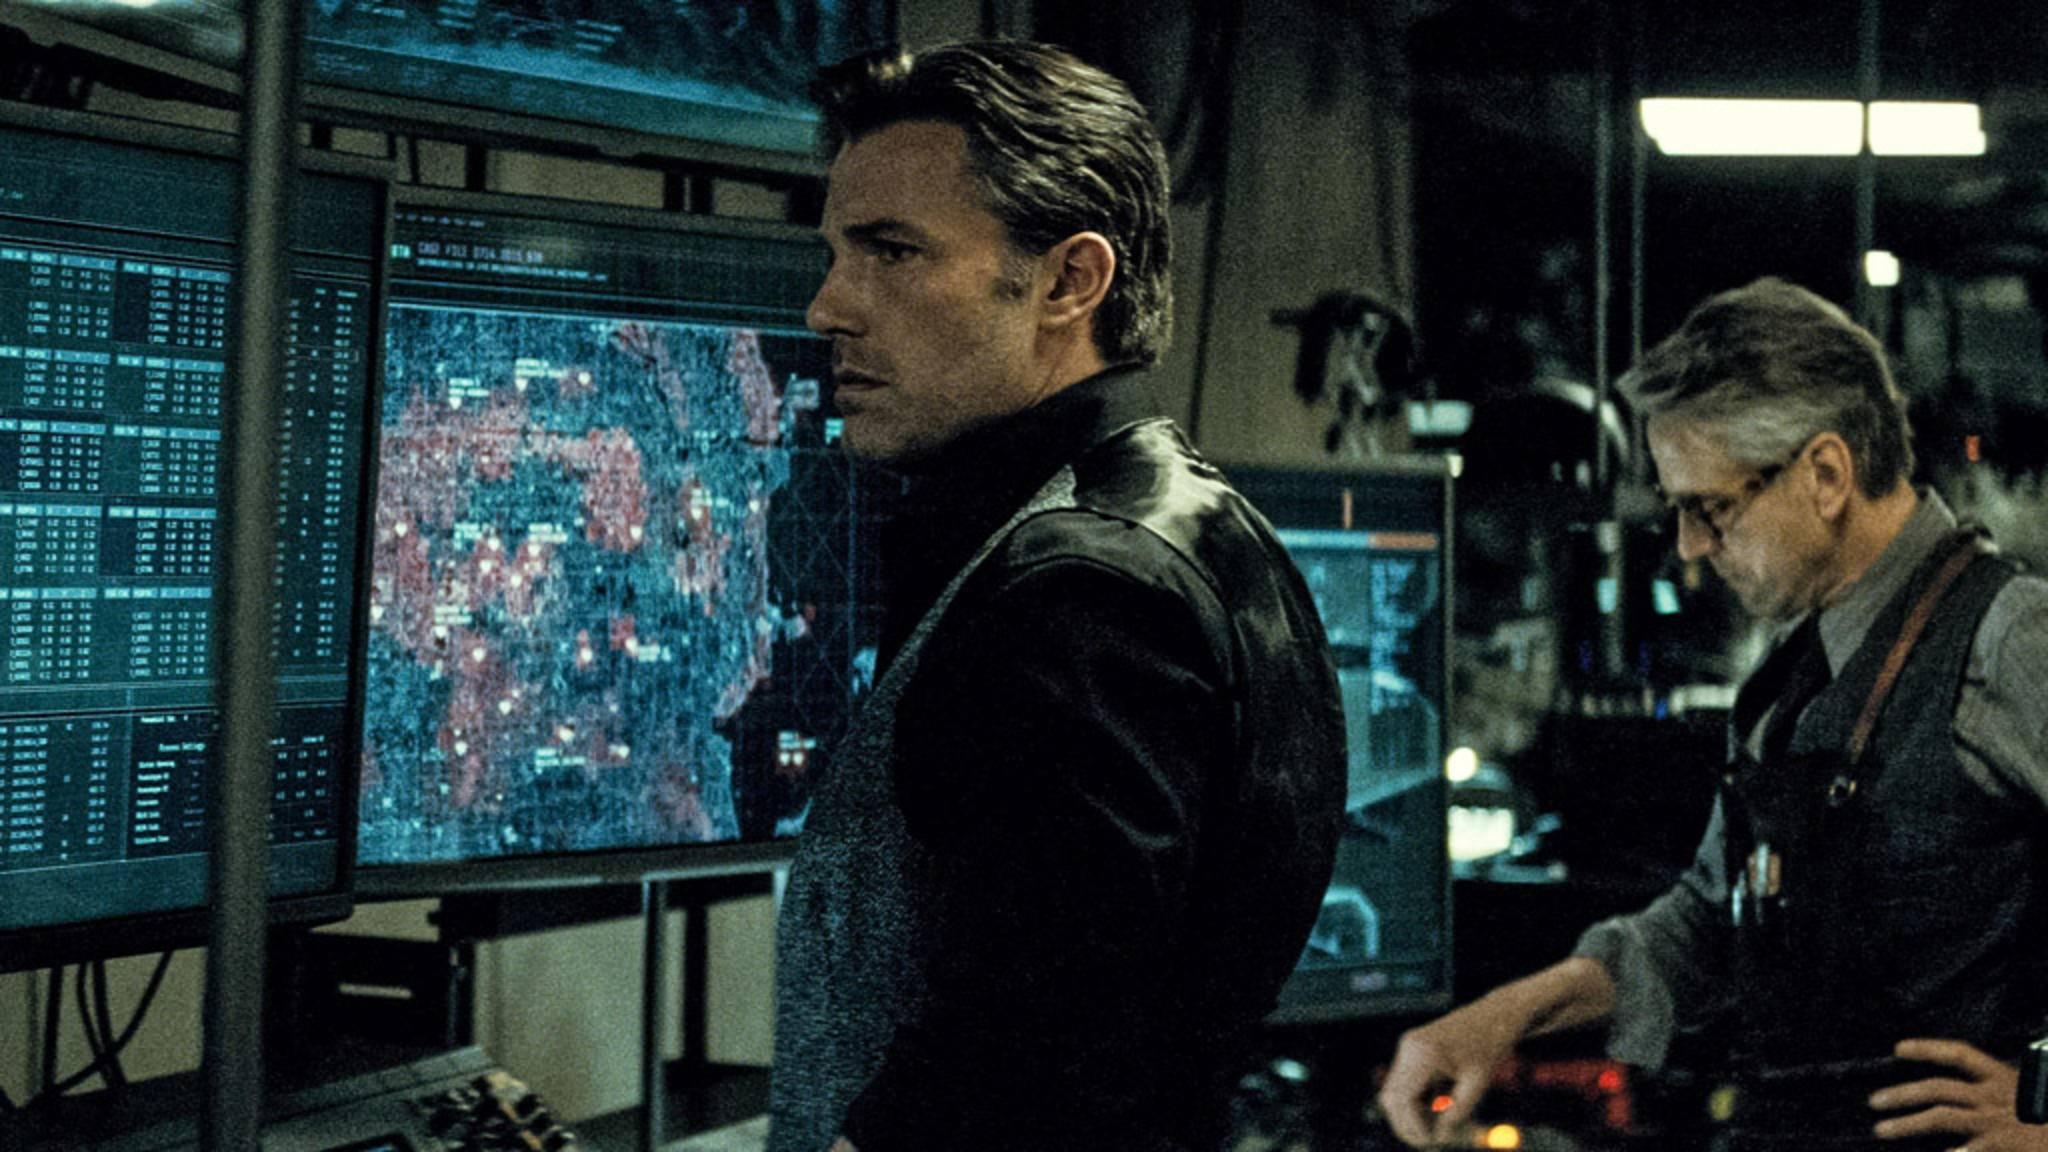 Kehrt er Bruce Wayne nun den Rücken? Das Hin und Her um Ben Afflecks Batman geht weiter.